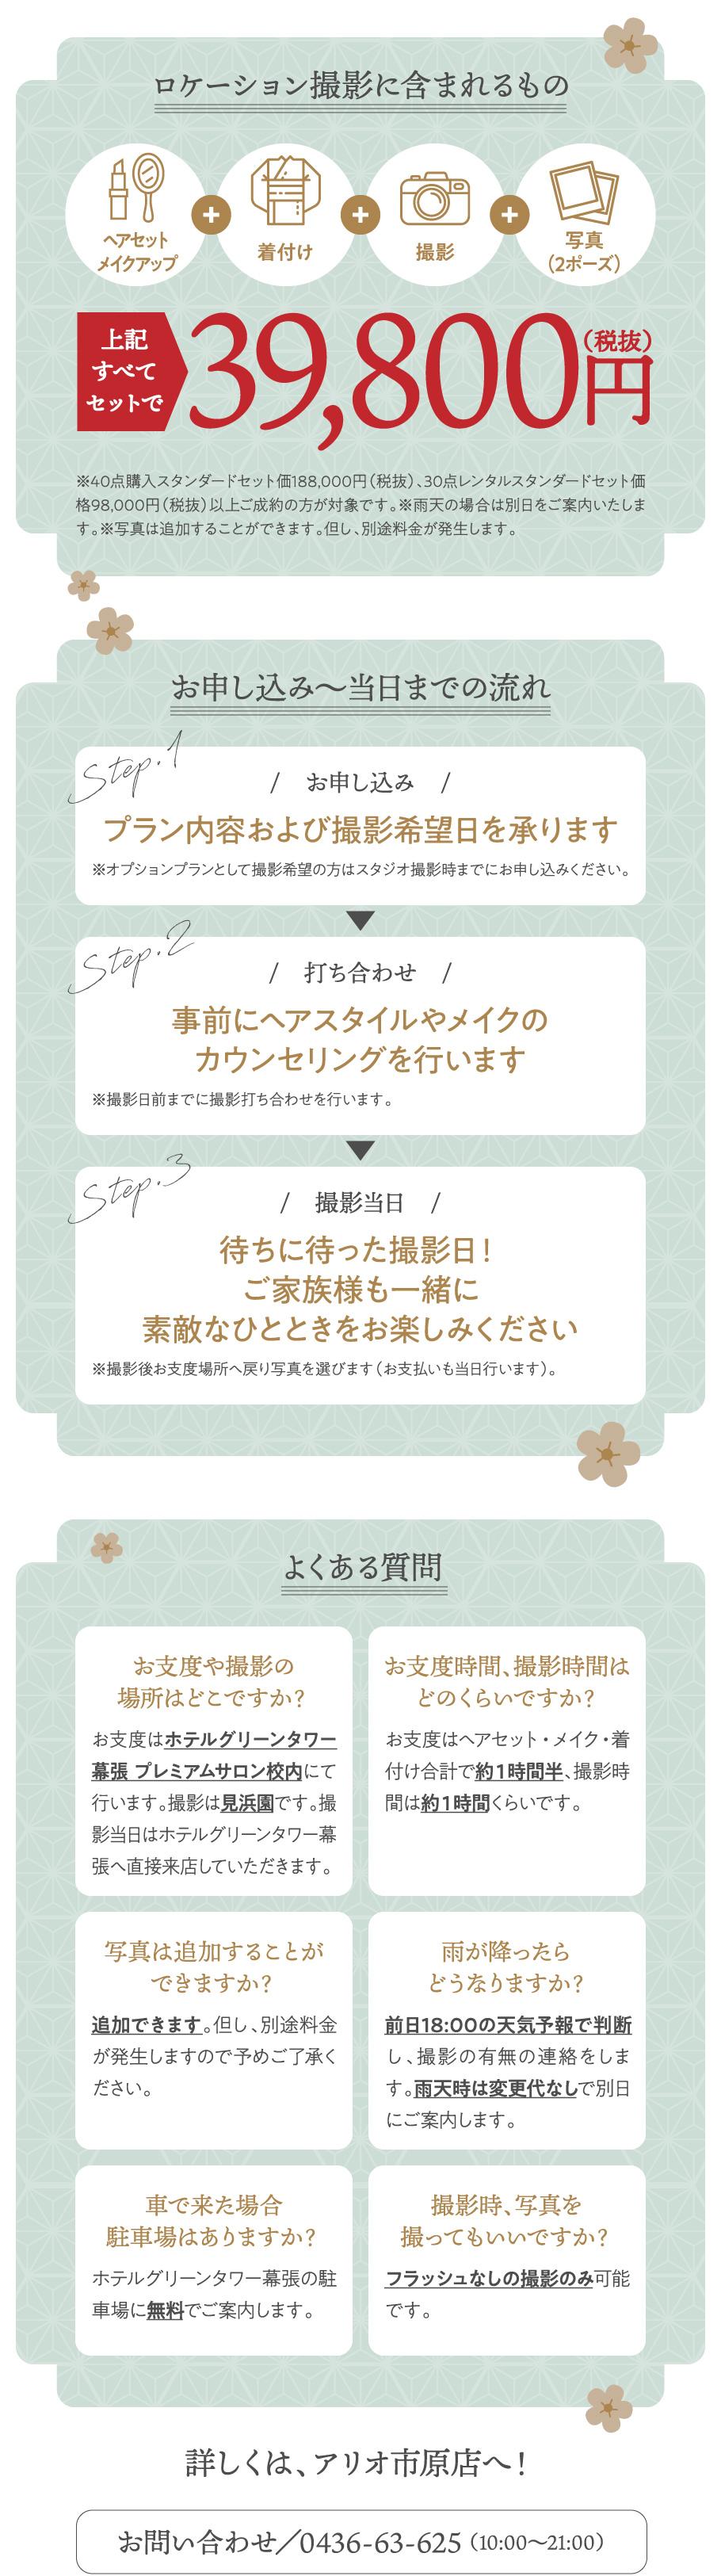 ロケーション撮影39,800円(税抜)